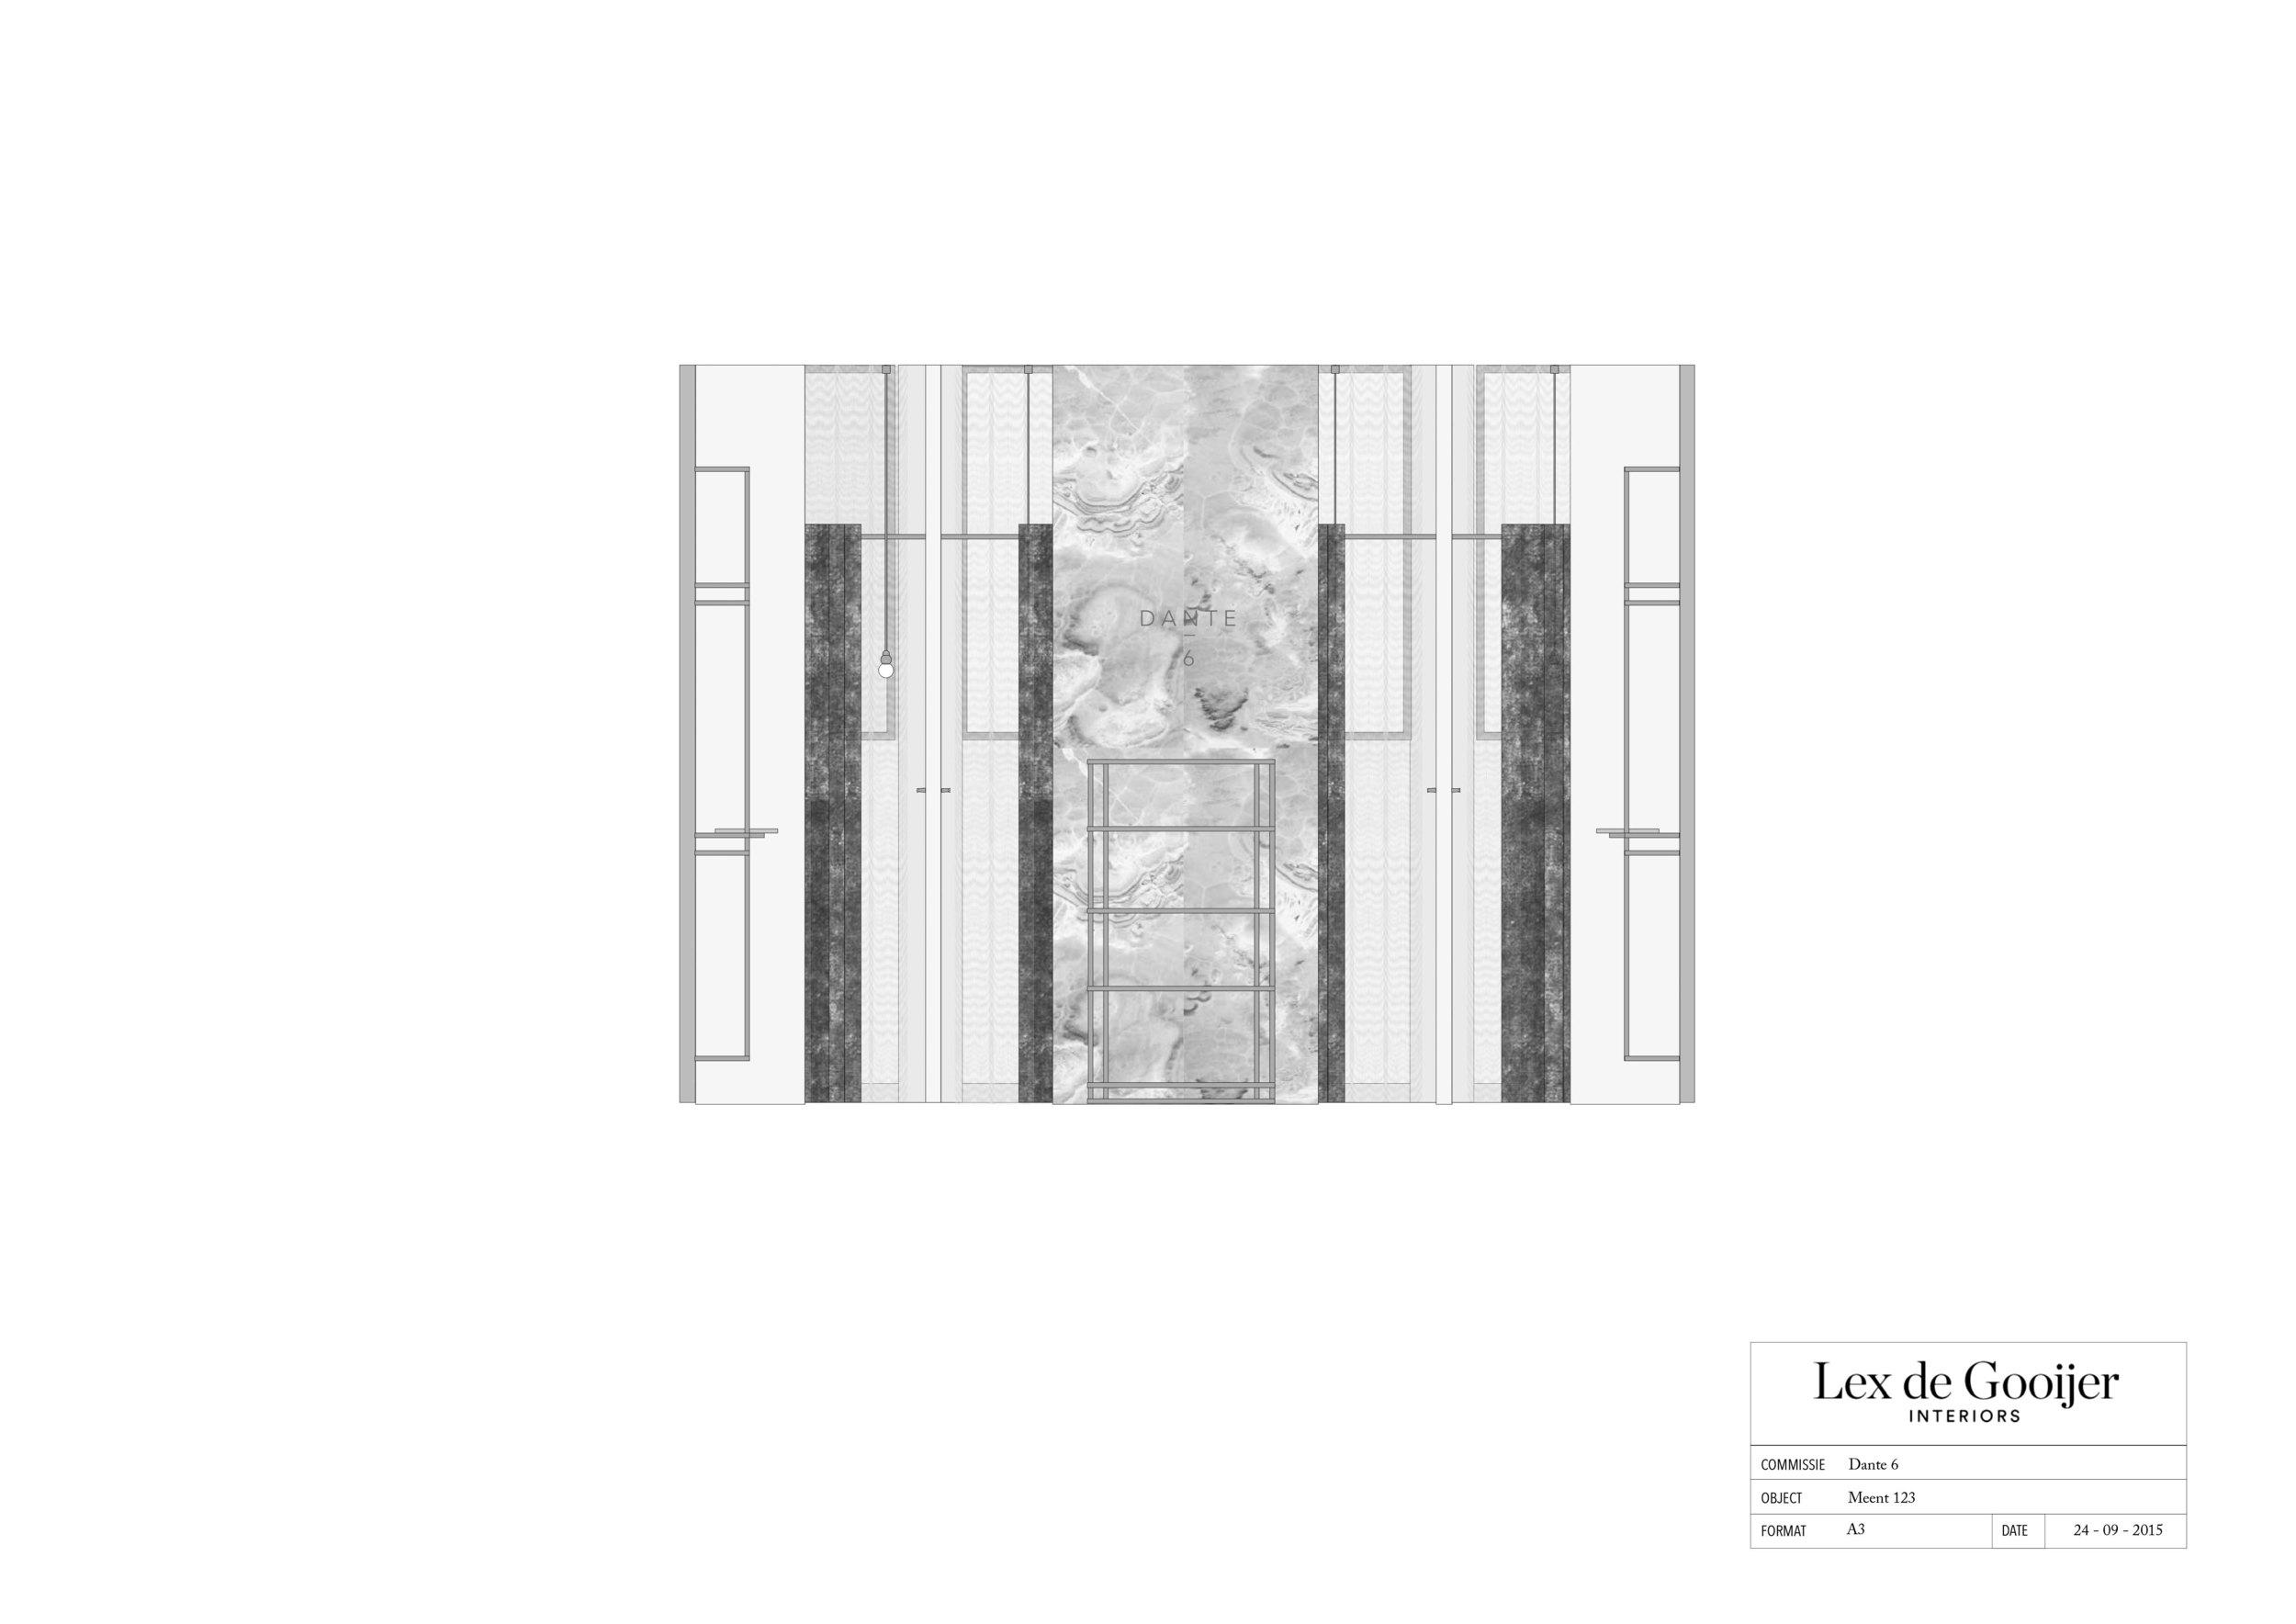 003 DANTE6  lex de Gooijer Interiors meent-123.jpg